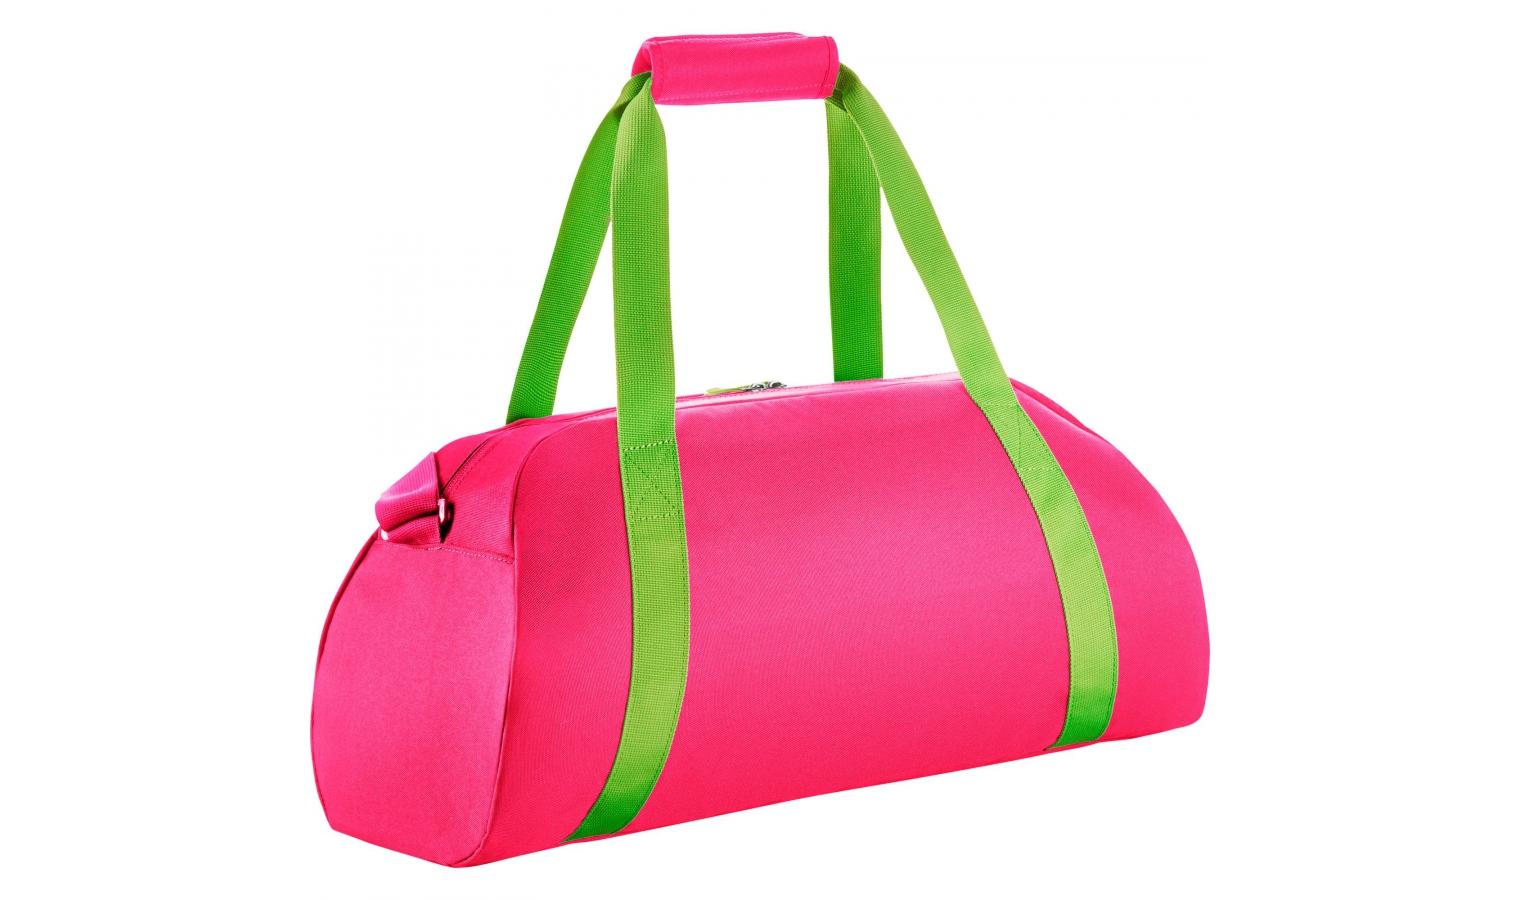 f480d78727 Dámská taška Nike GYM CLUB růžová